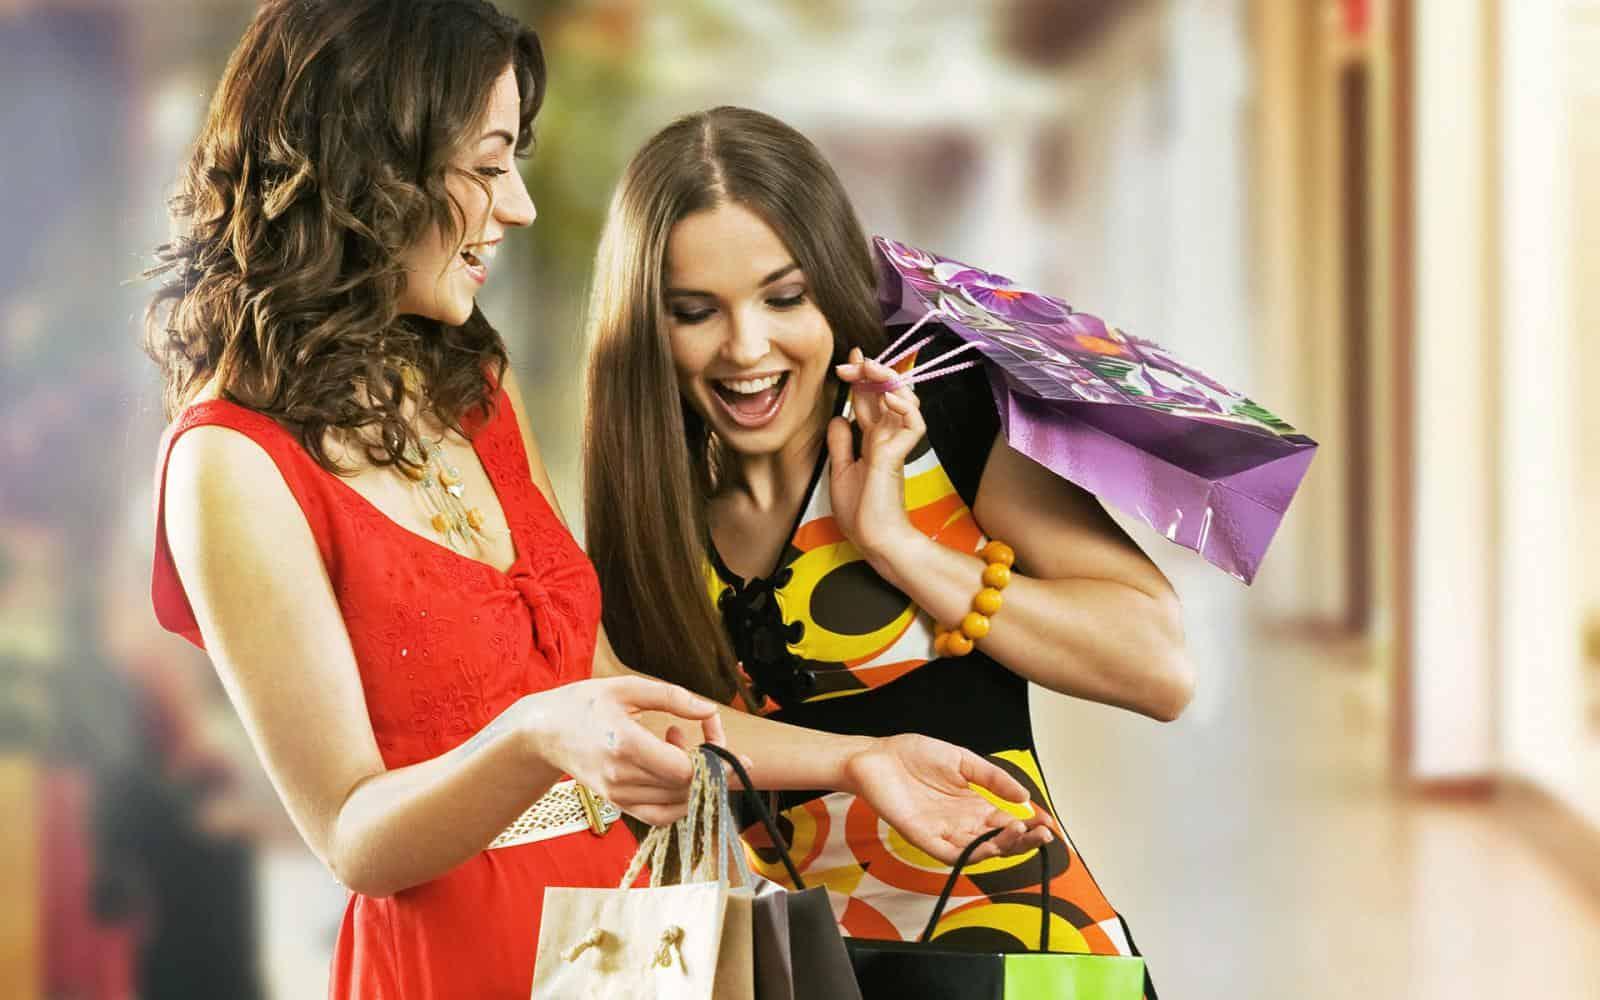 шопинг с подругой